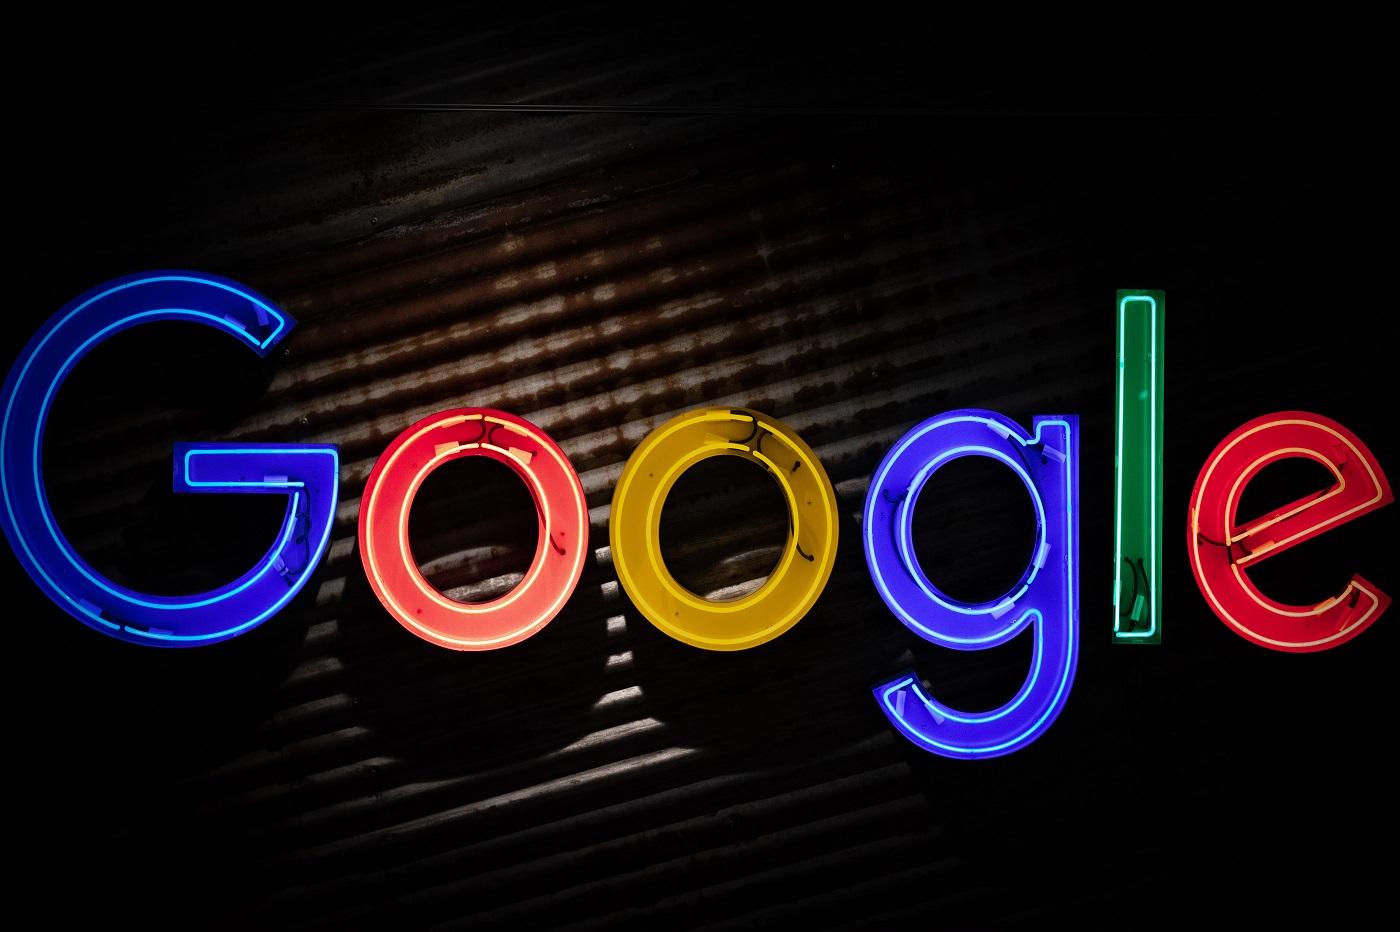 En France, Google n'aura plus le droit d'attribuer des étoiles aux hôtels - Presse-citron